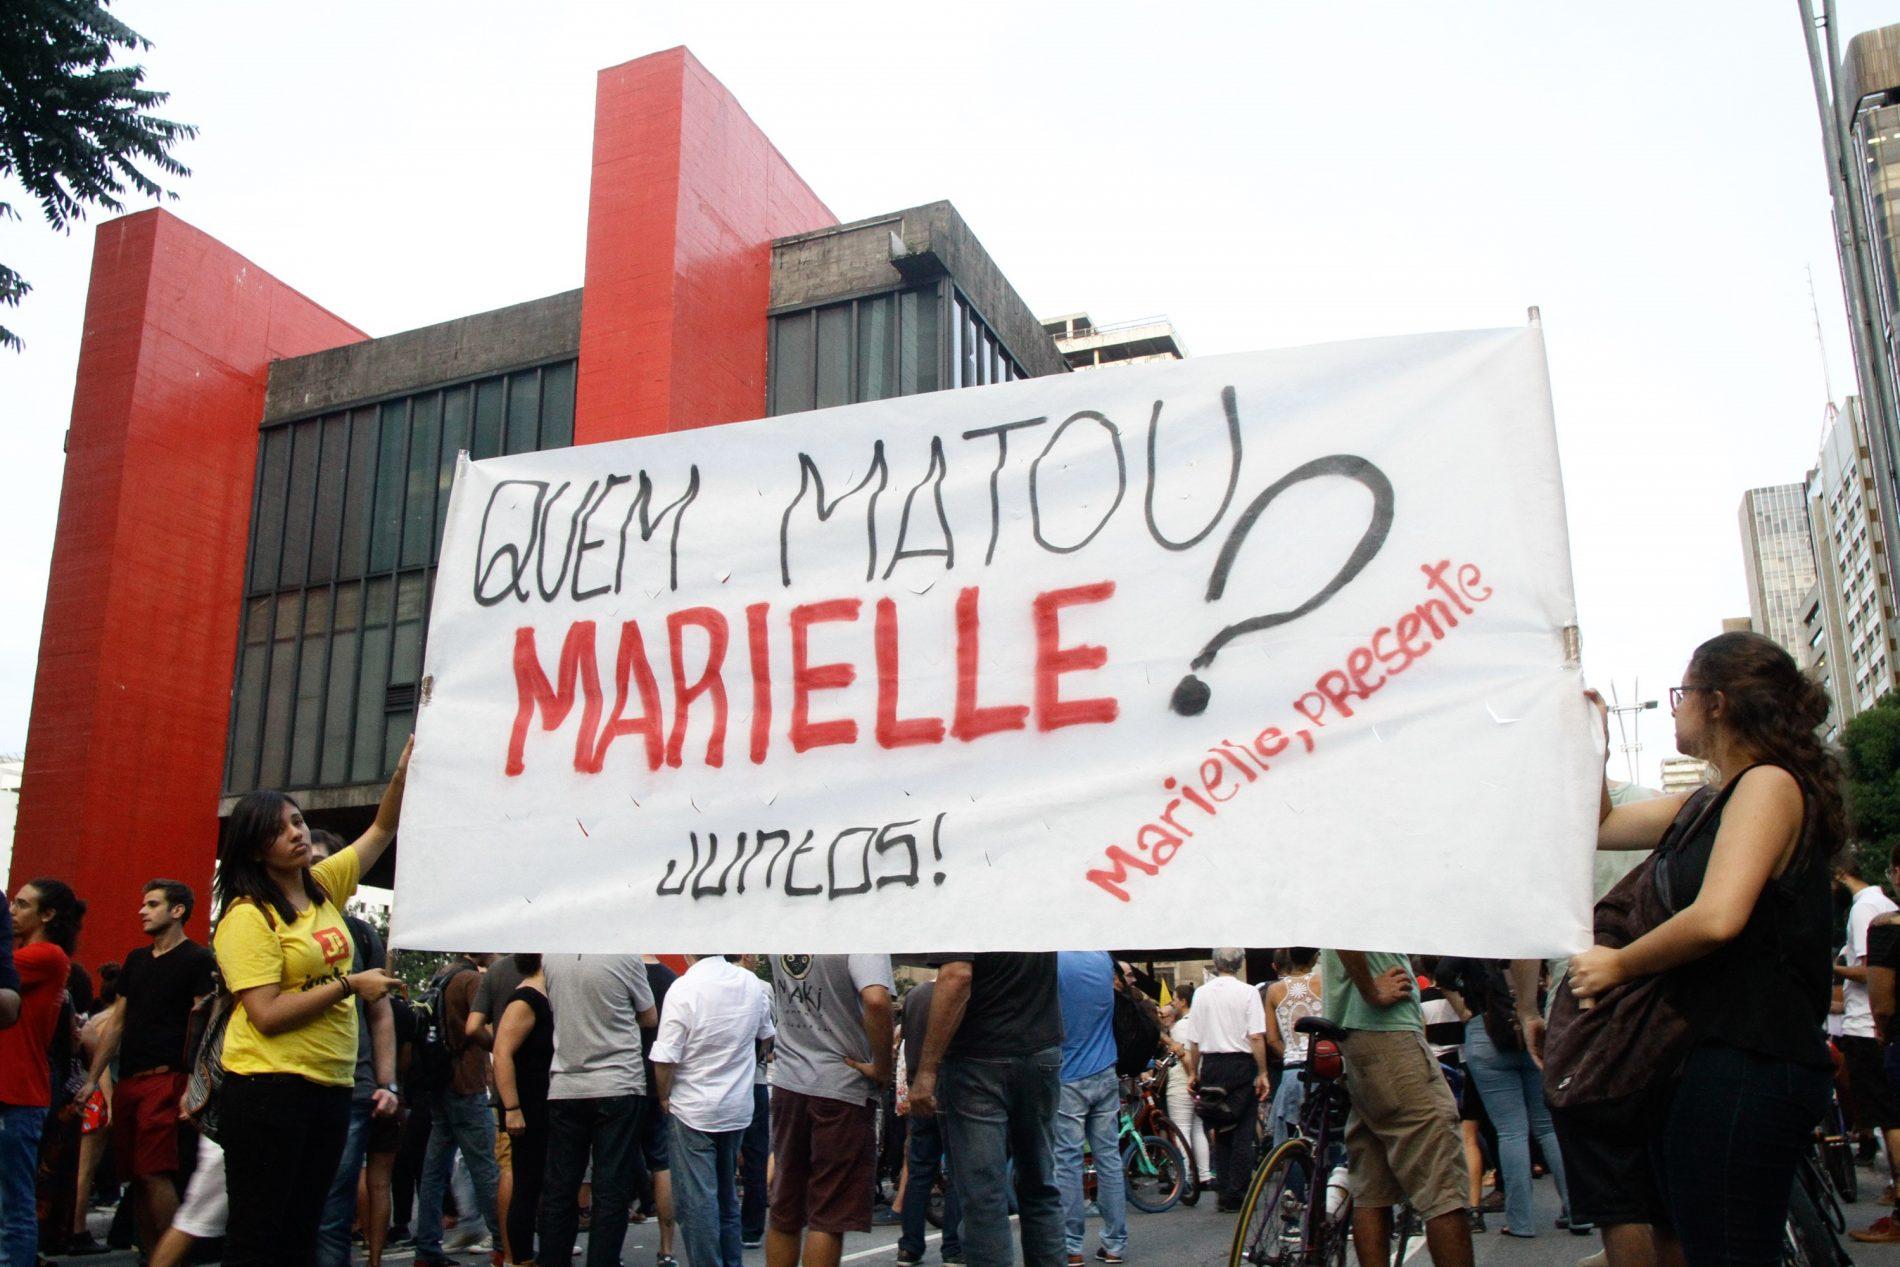 Protesto em São Paulo contra o assassinato de Marielle Franco e Anderson Gomes. Foto: FabioVieira/FotoRua/NurPhoto)